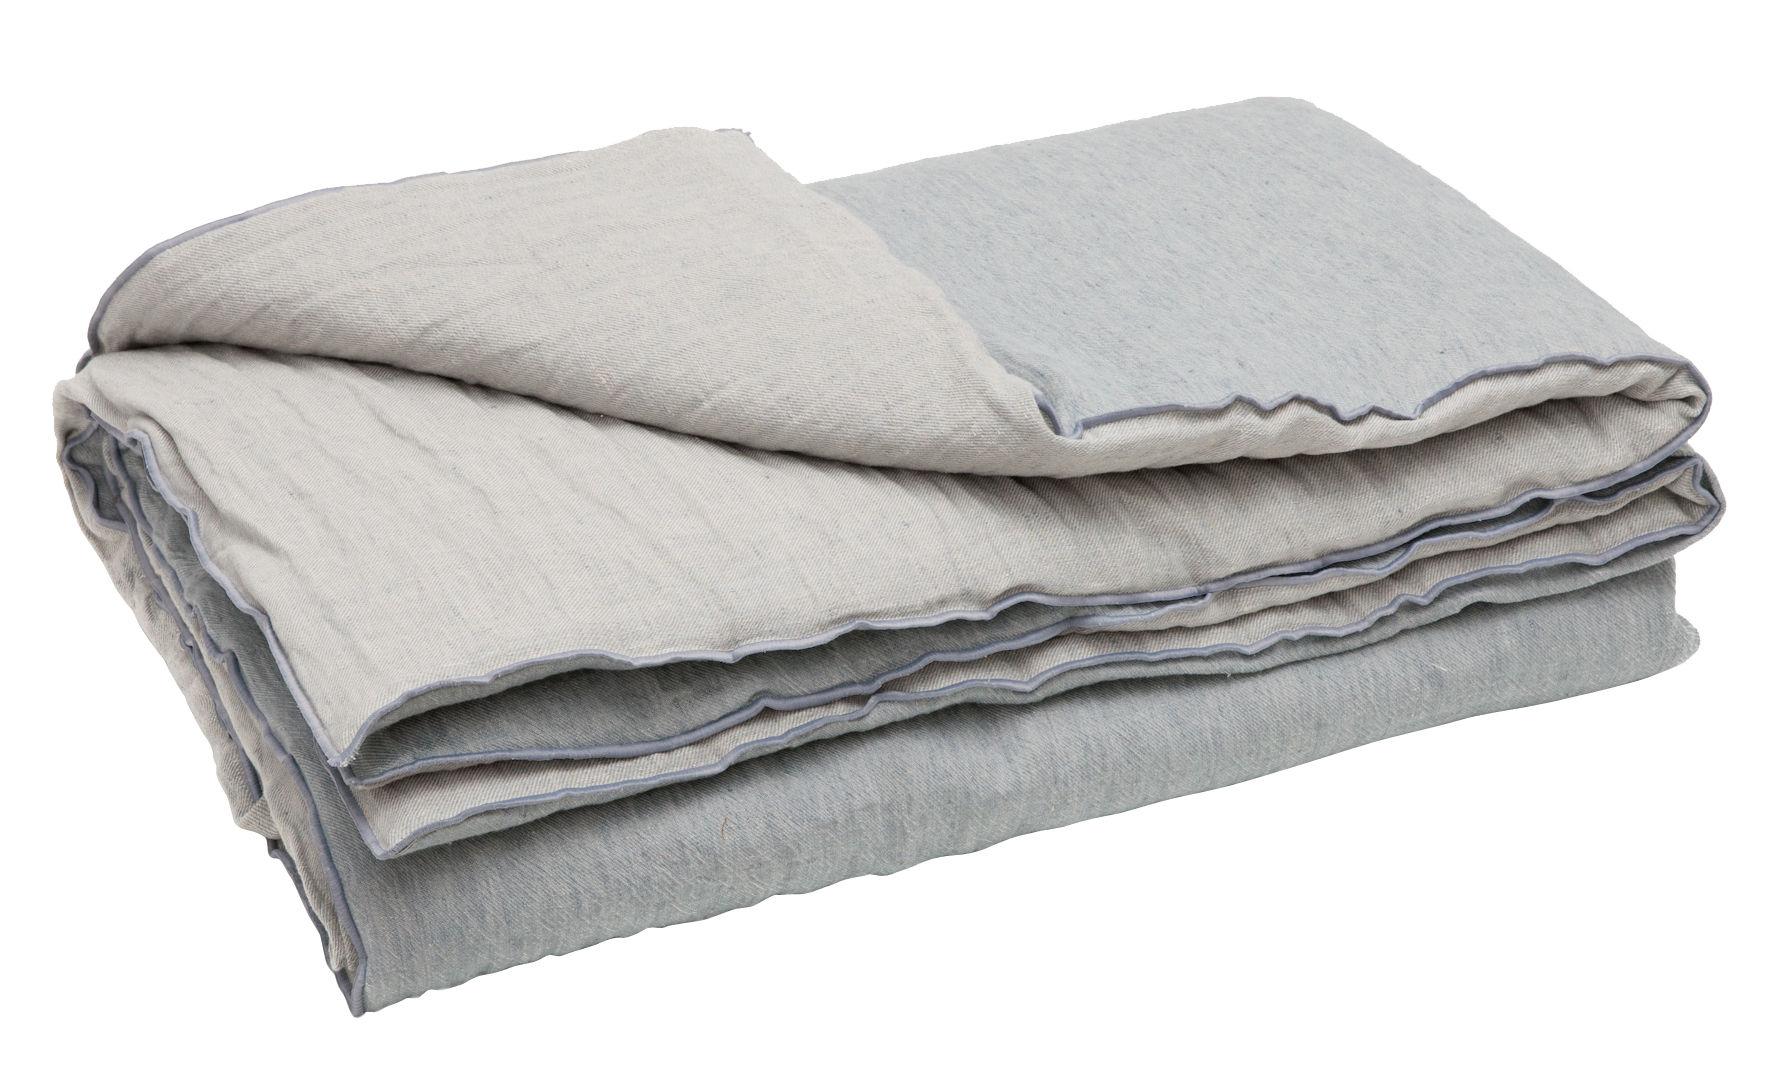 Decoration - Bedding & Bath Towels - Cocoon Vice Versa Quilt - 140 x 200 cm - Linen by Maison de Vacances - Cloud - Flannelette polyester, Flax